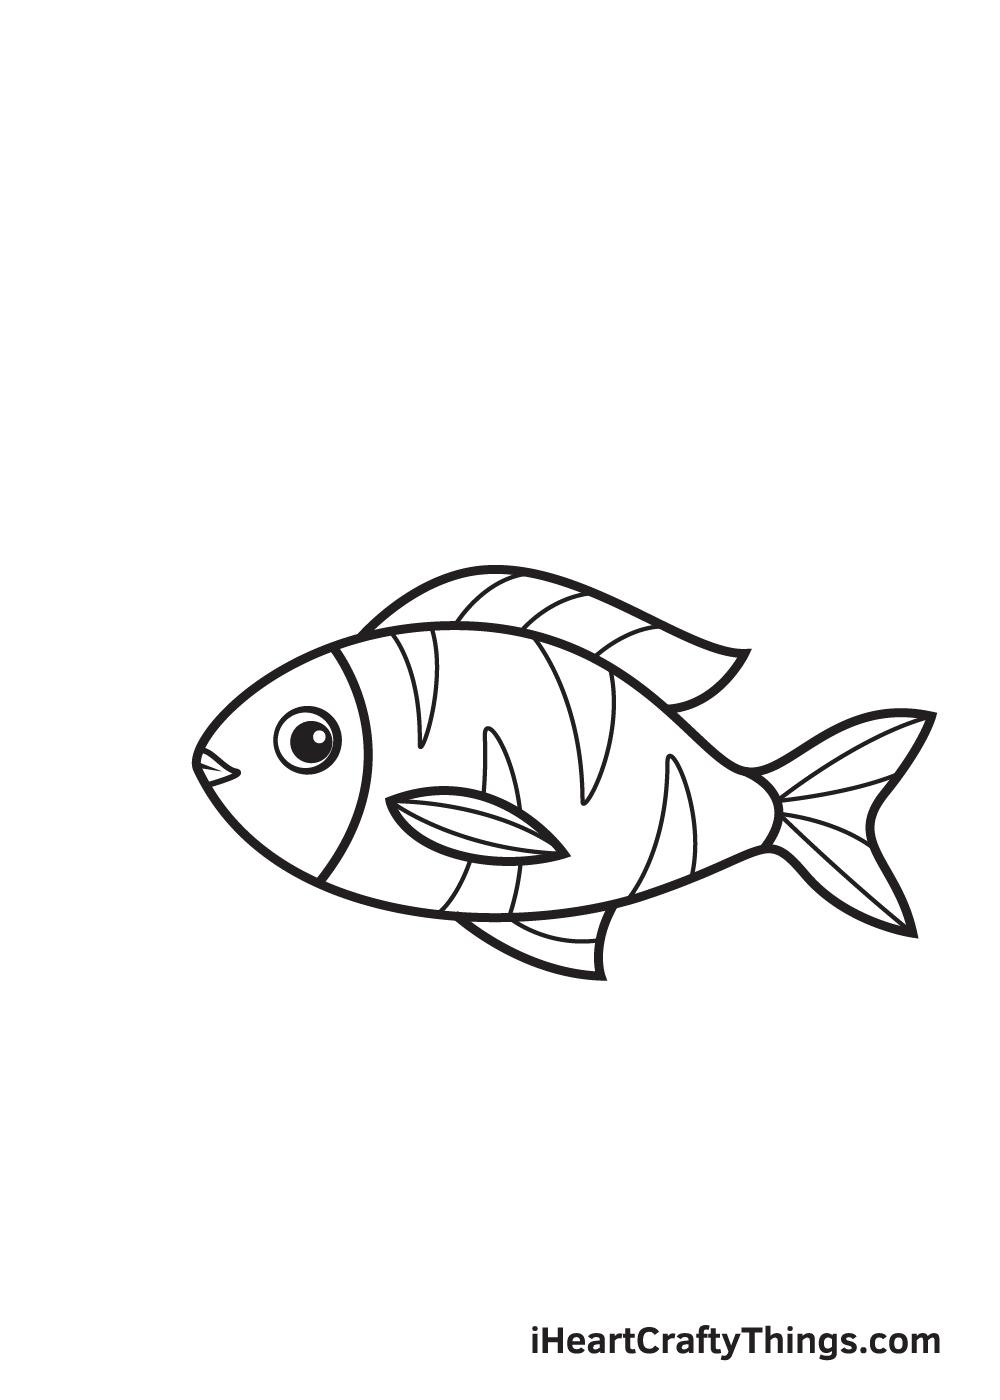 fish drawing - step 8